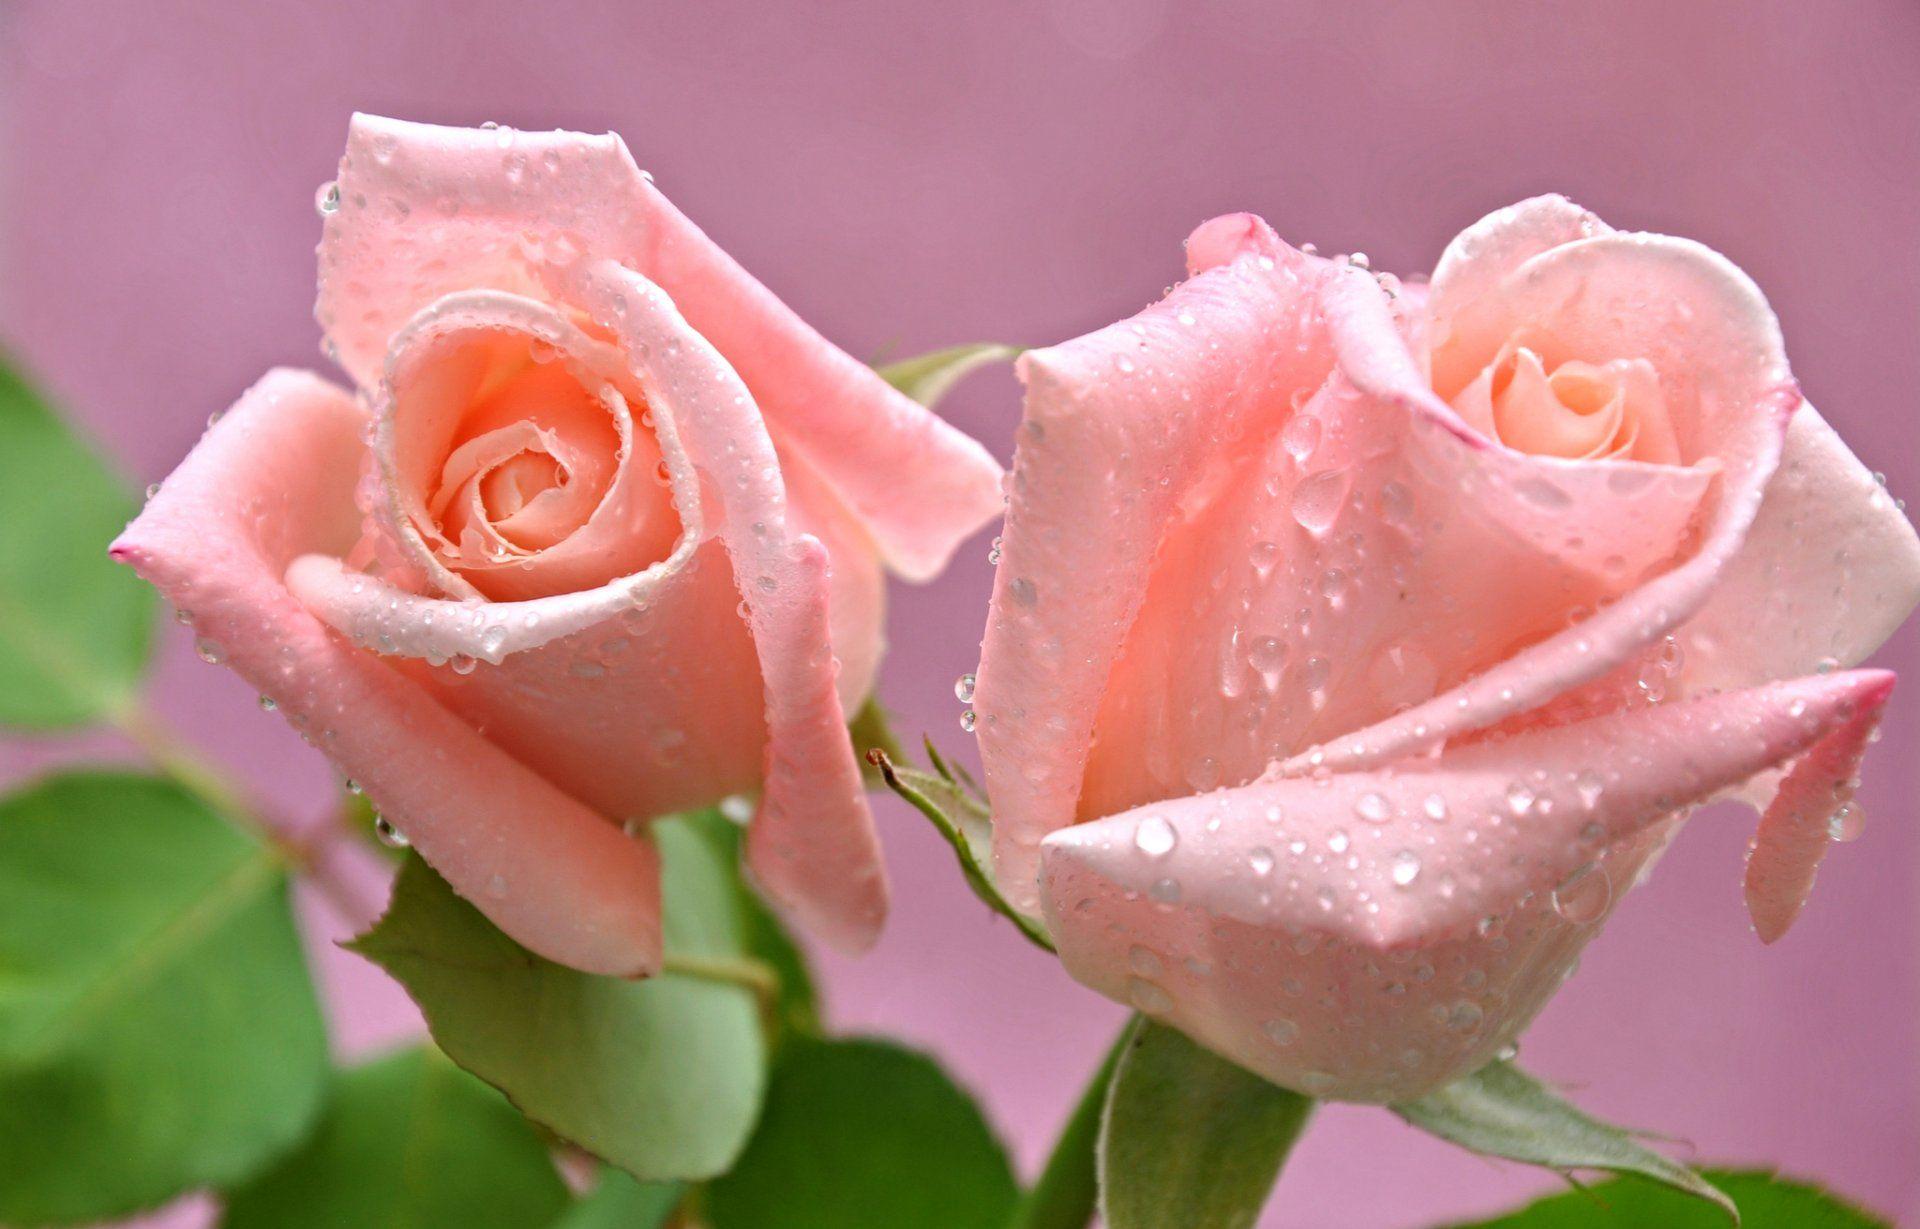 розы бутон лепестки капли роса вода макро HD обои для ...